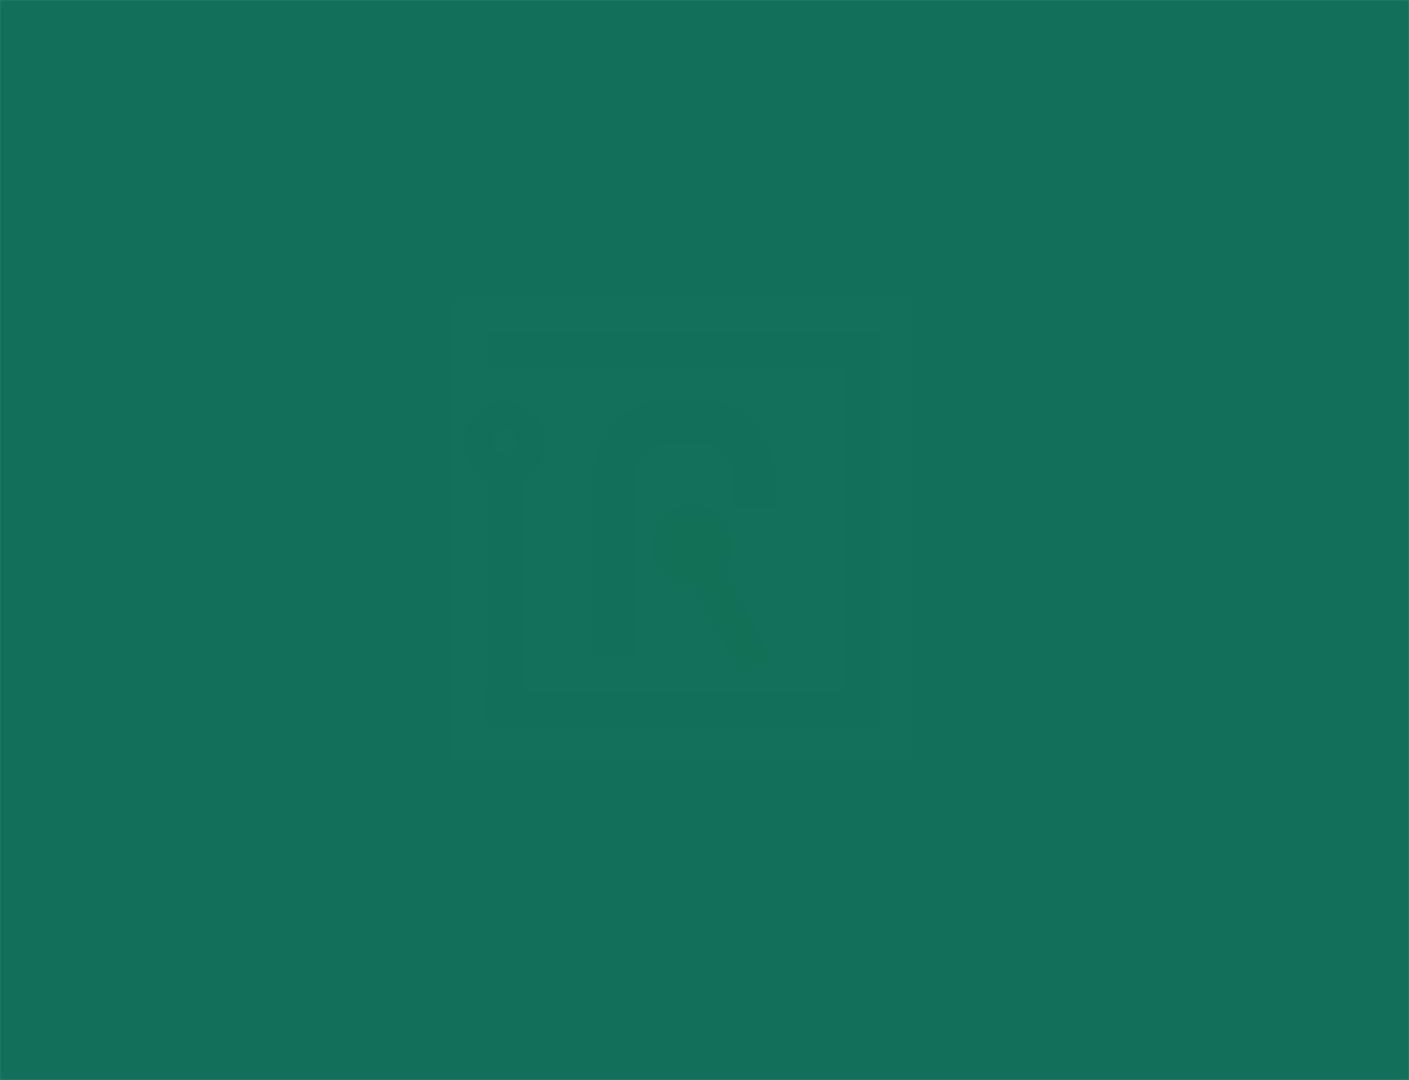 можете цвет зеленый холодный картинки гроб